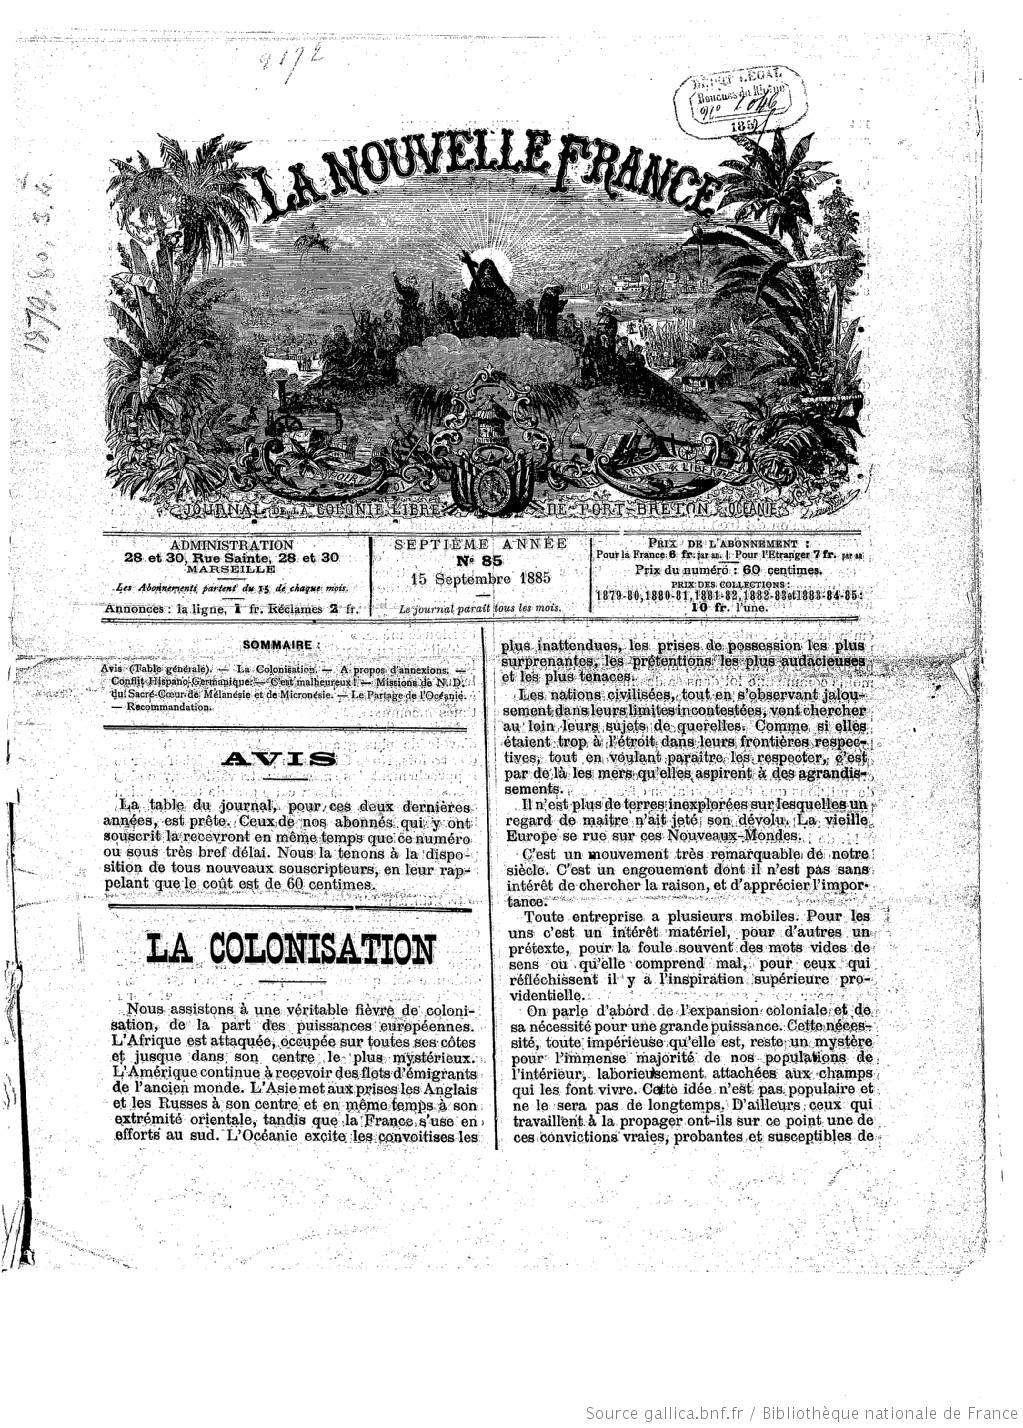 La Nouvelle France Journal De La Colonie Libre De Port Breton Oceanie 1885 09 15 Gallica